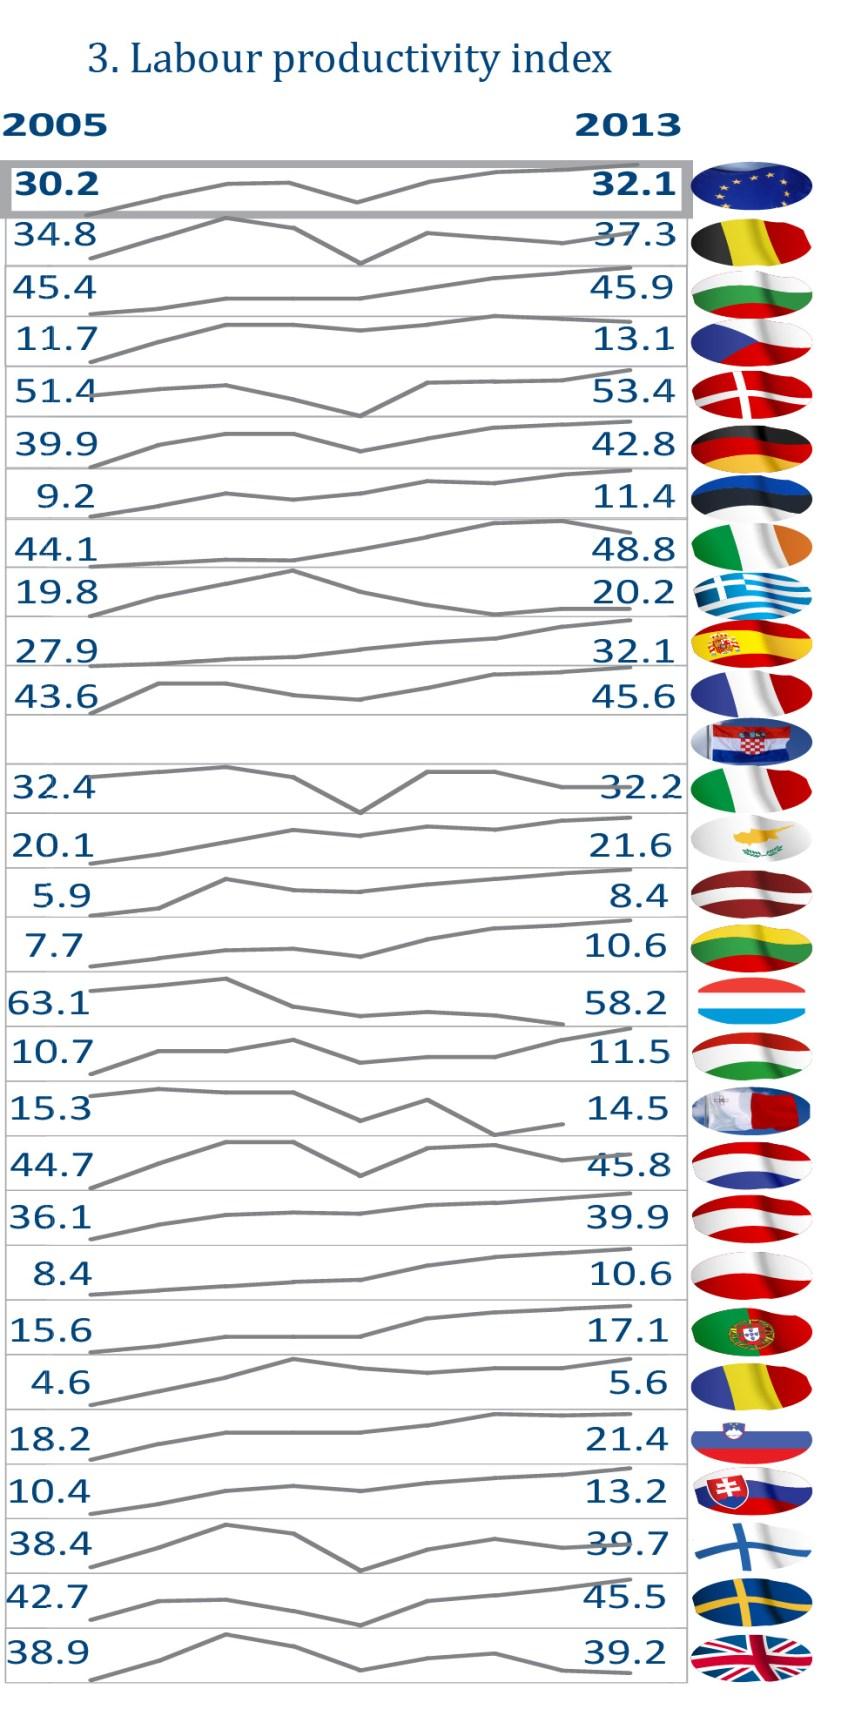 Labour productivity index